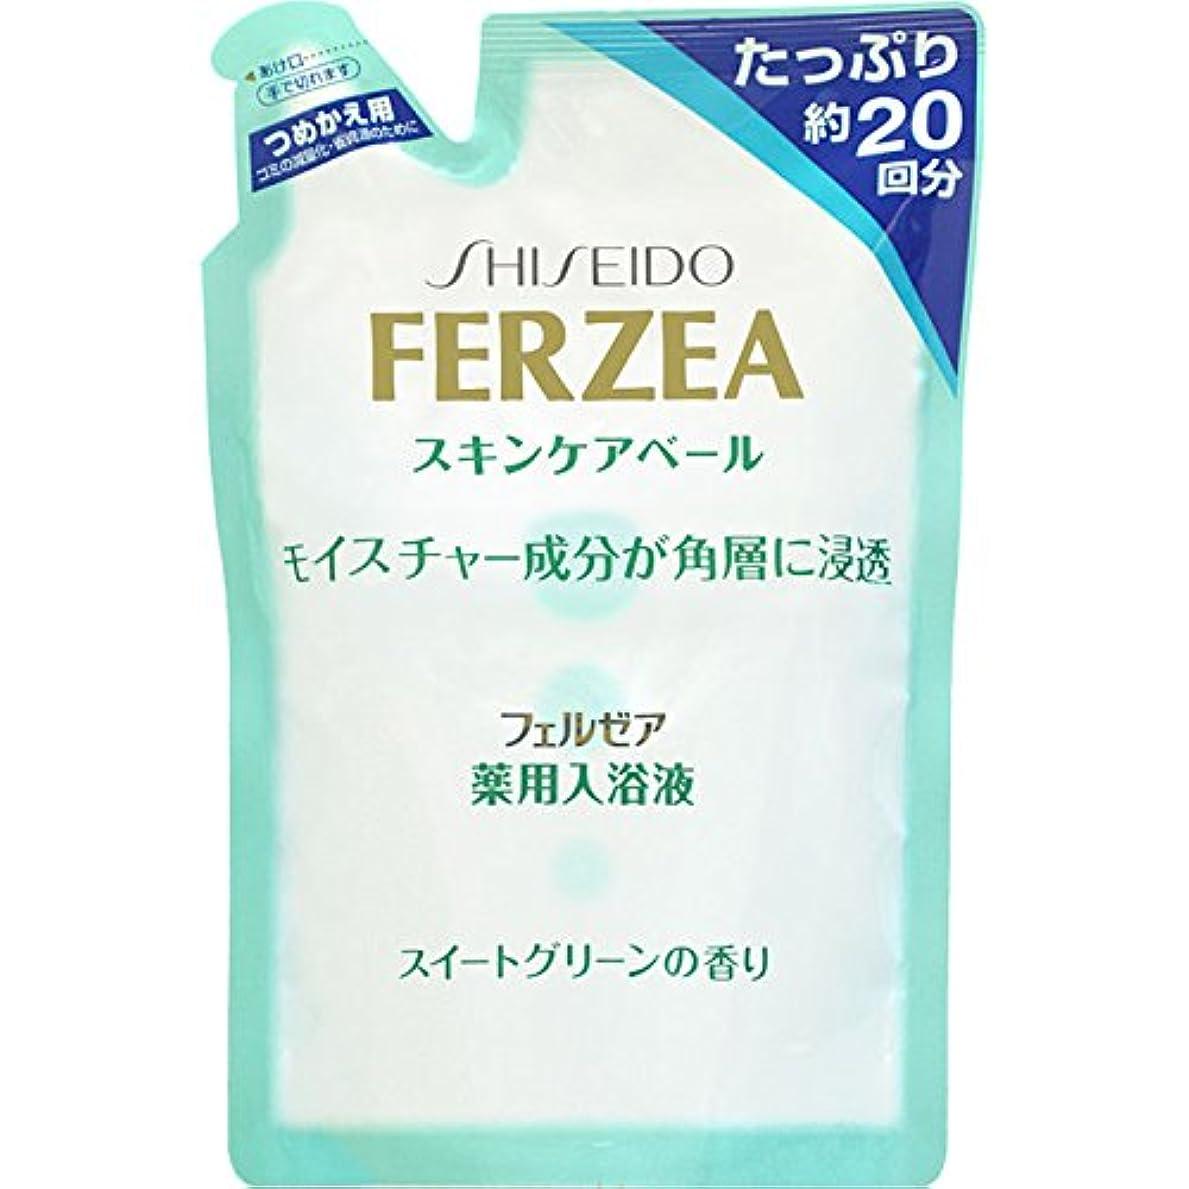 消費する計り知れない頭痛フェルゼア薬用スキンケア入浴液G詰替 500ml